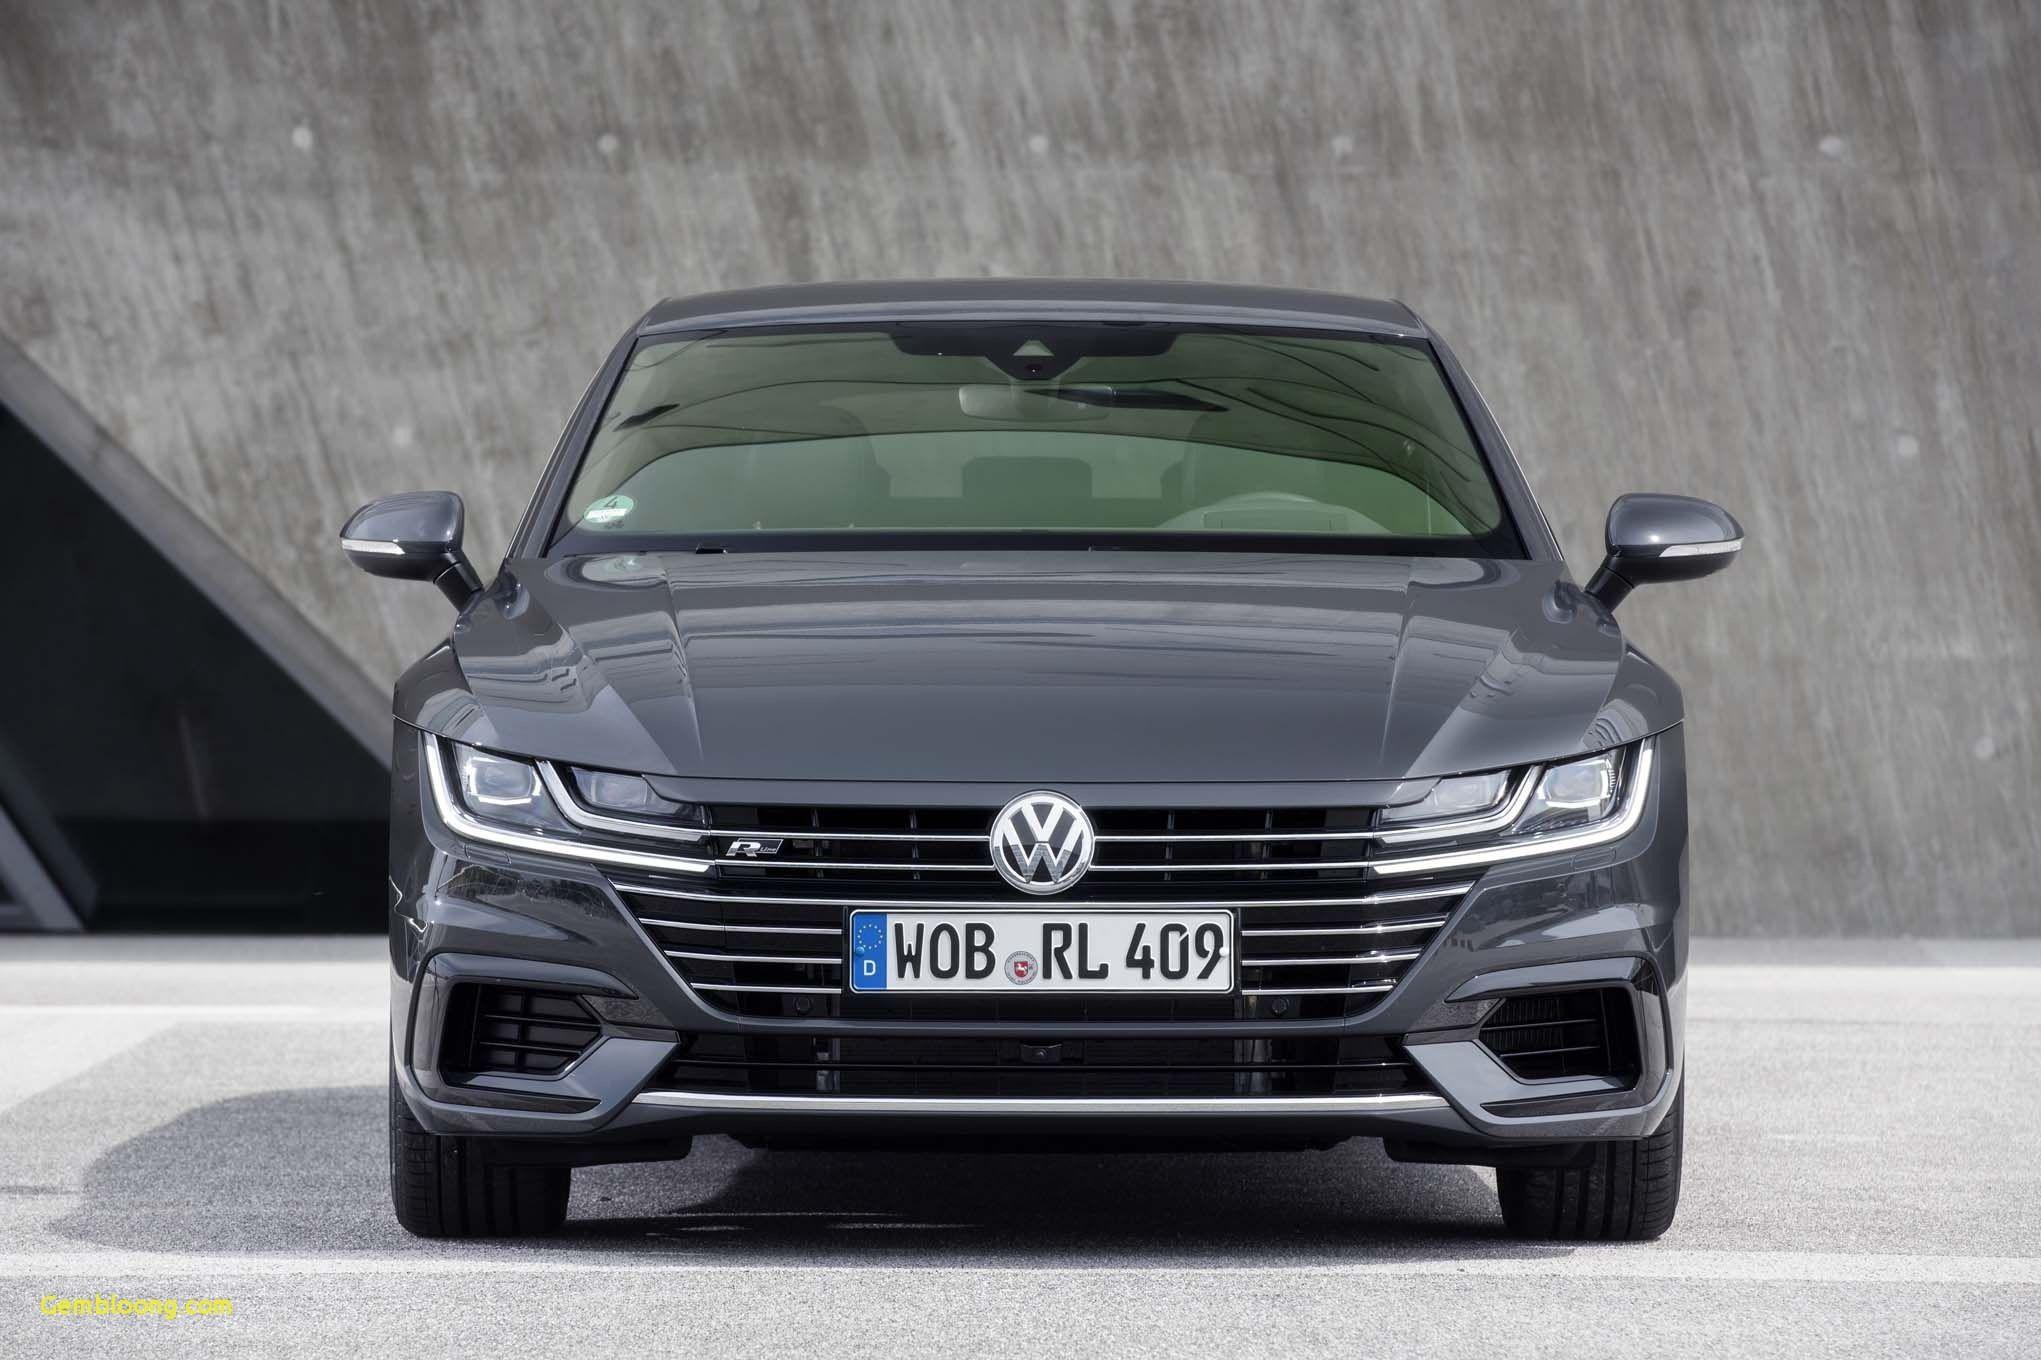 2019 Volkswagen Passat Colors Redesign And Price Volkswagen Passat Cc Volkswagen Cc Passat Cc